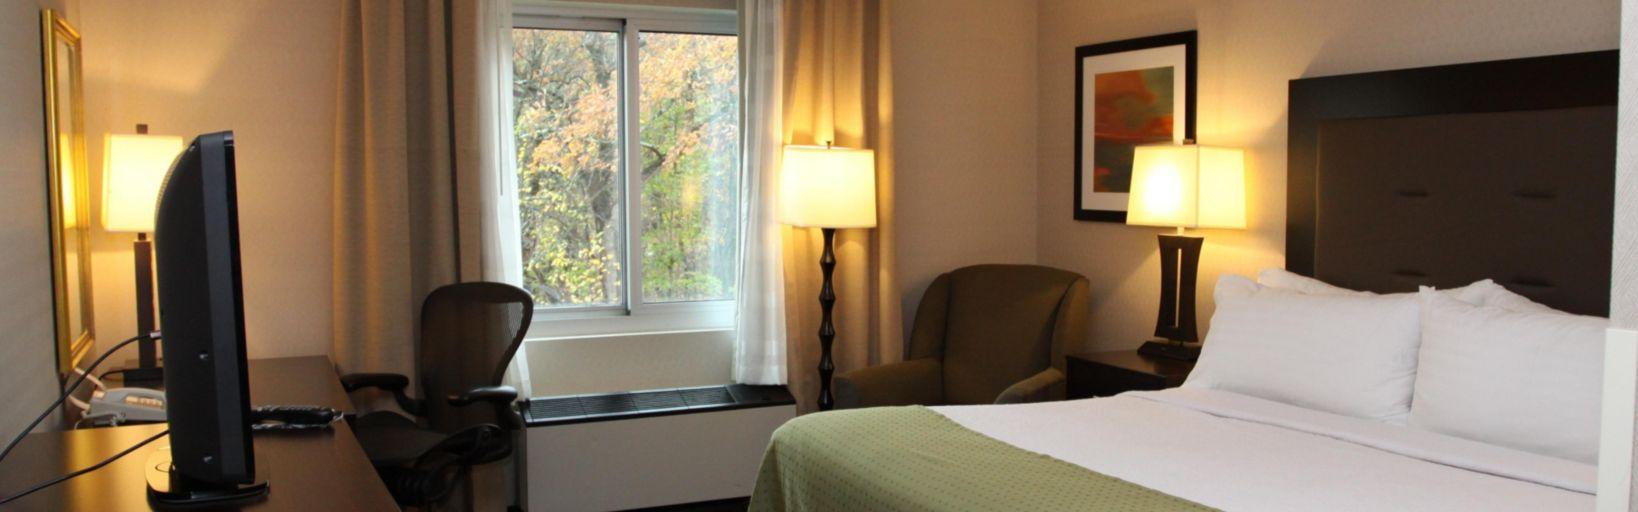 Holiday Inn Budd Lake - Rockaway Area Hotel by IHG